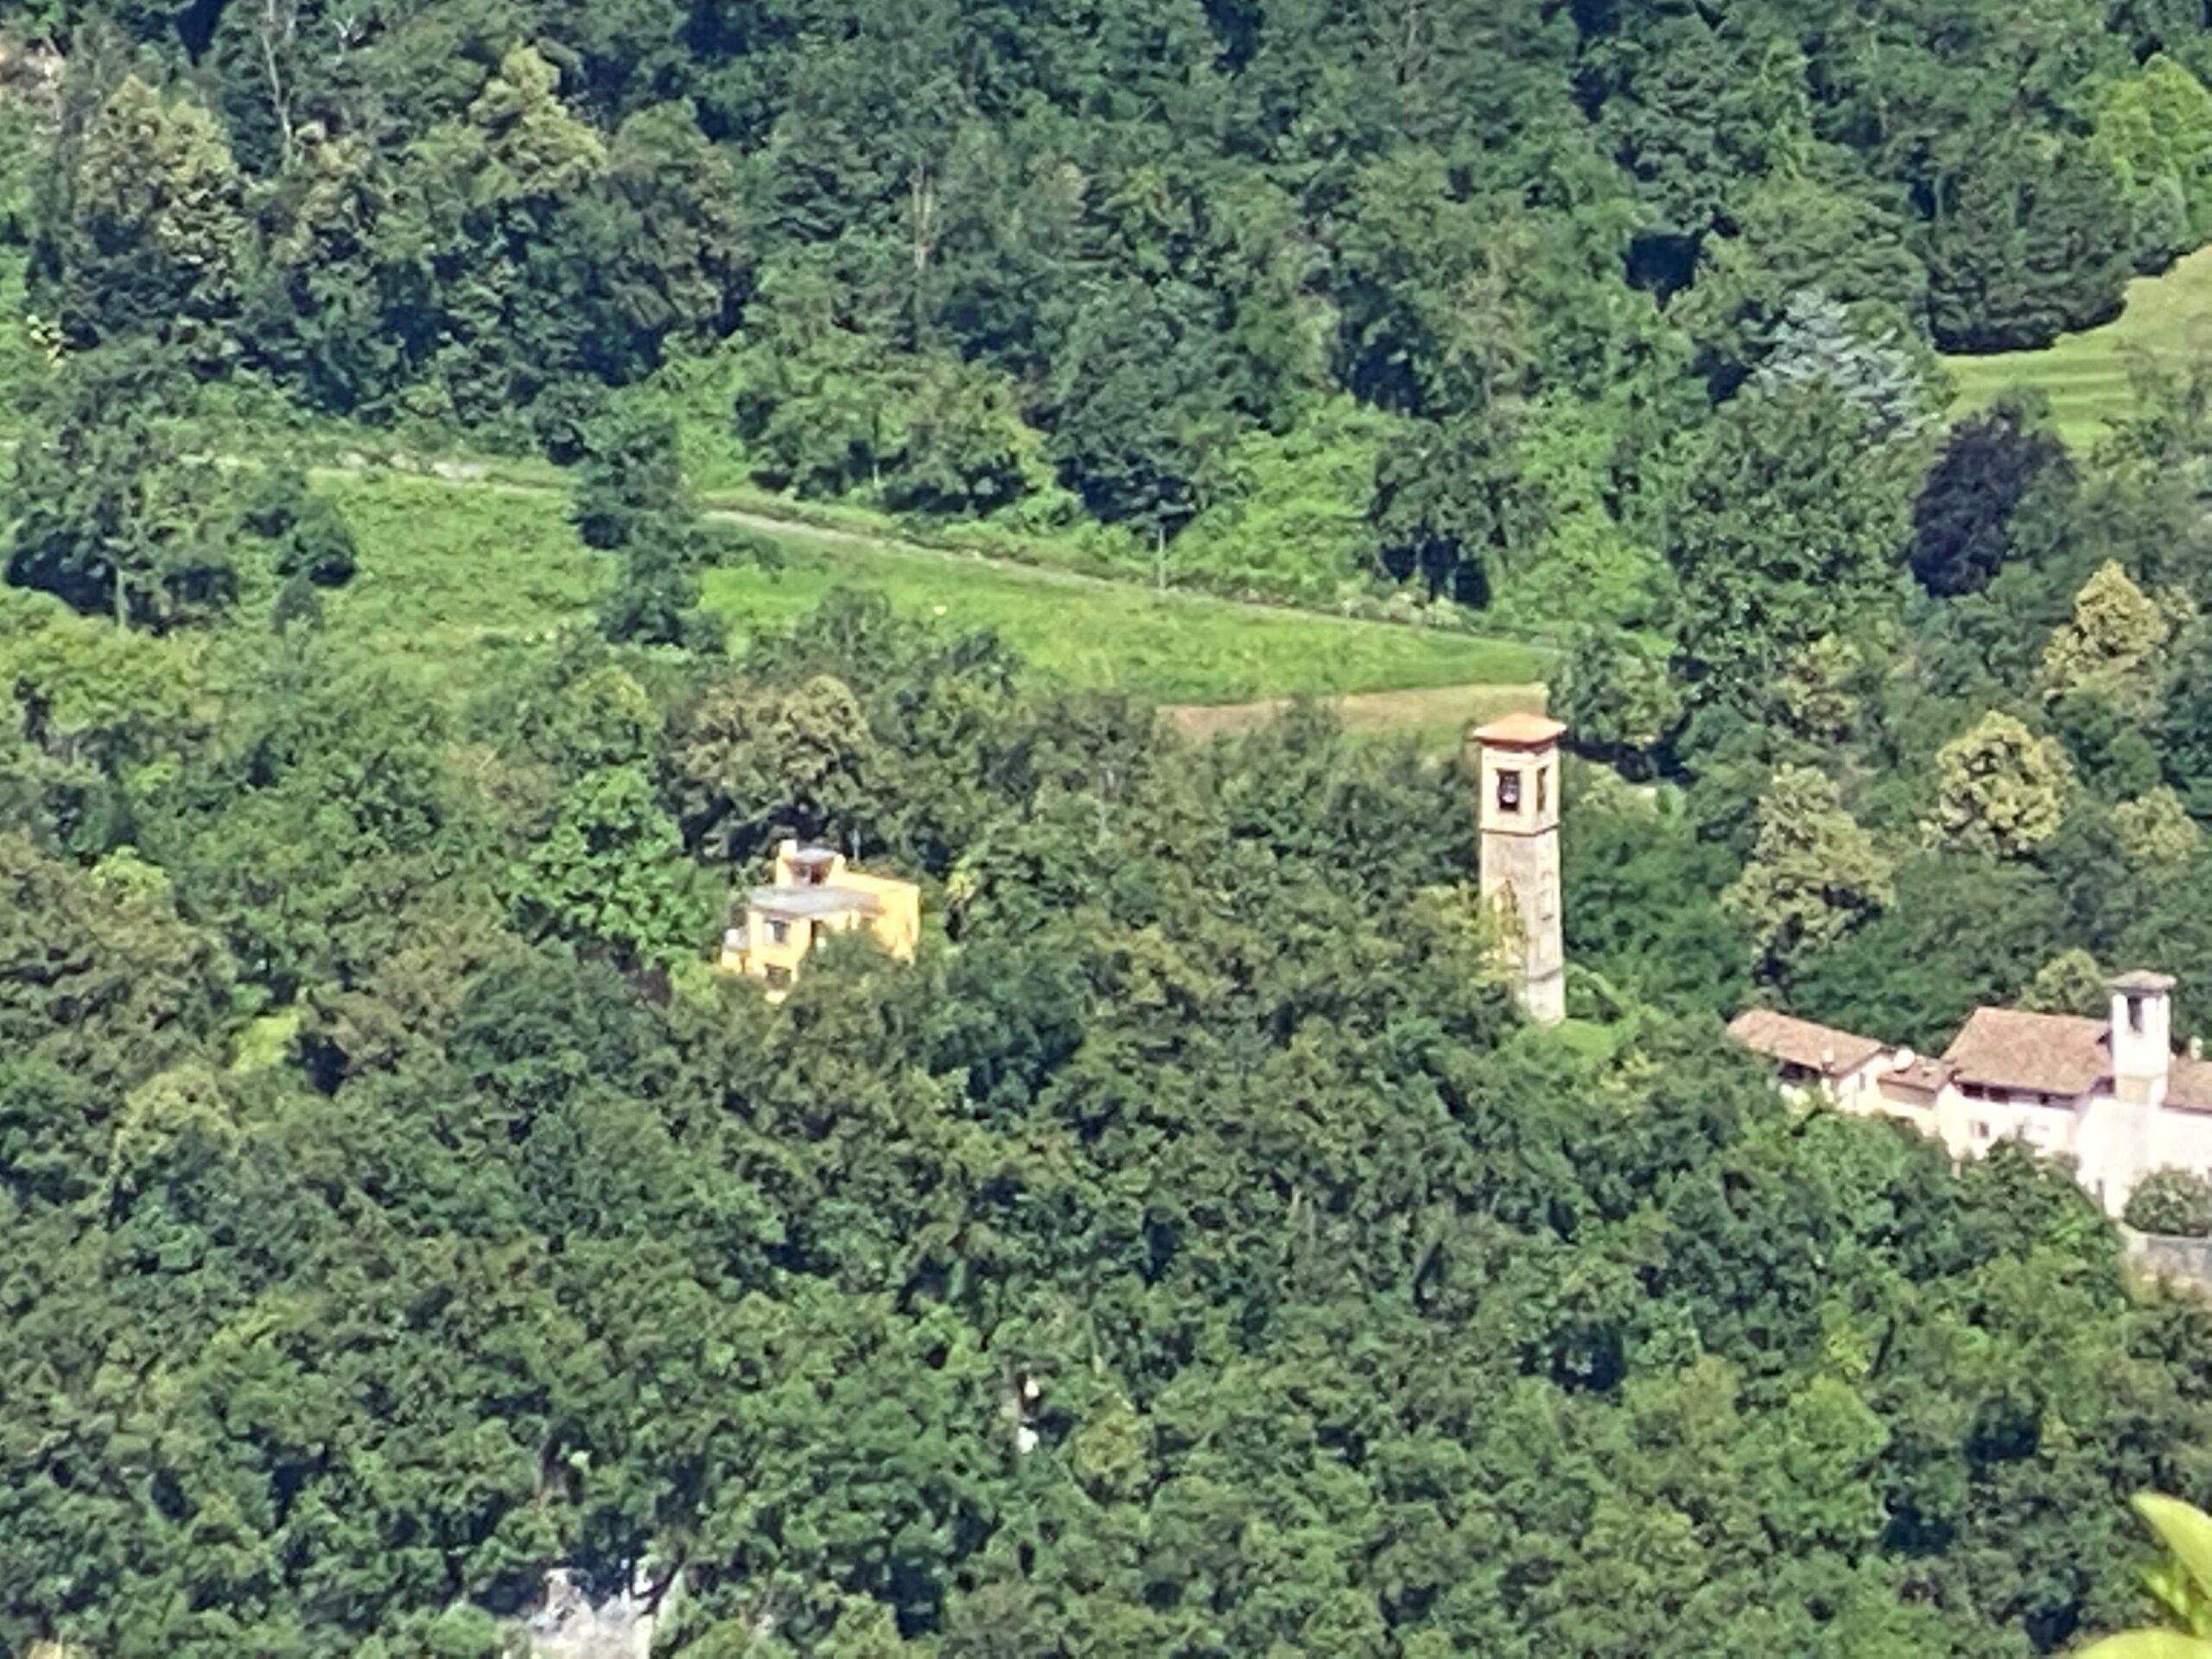 Casa Sciaredo von Torcello aus gesehen. Foto: Fraenzi Neuhaus, 2020